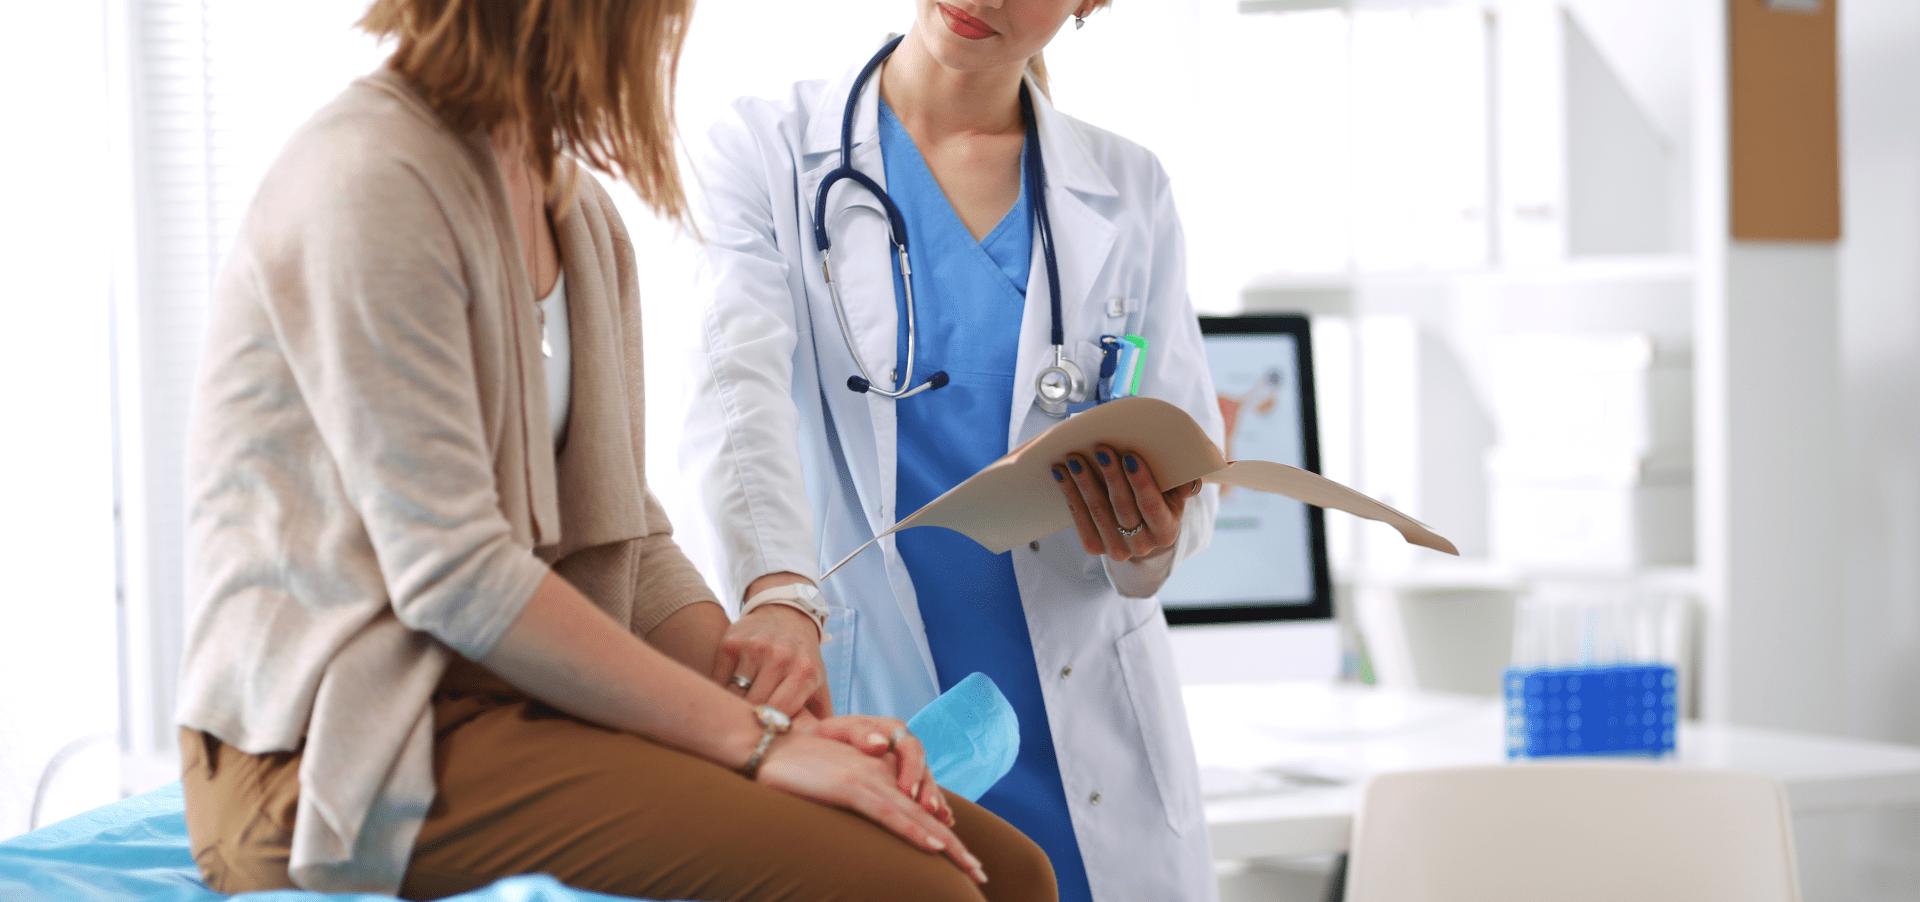 gonorreia mulher no consultorio sendo atendida por uma medica